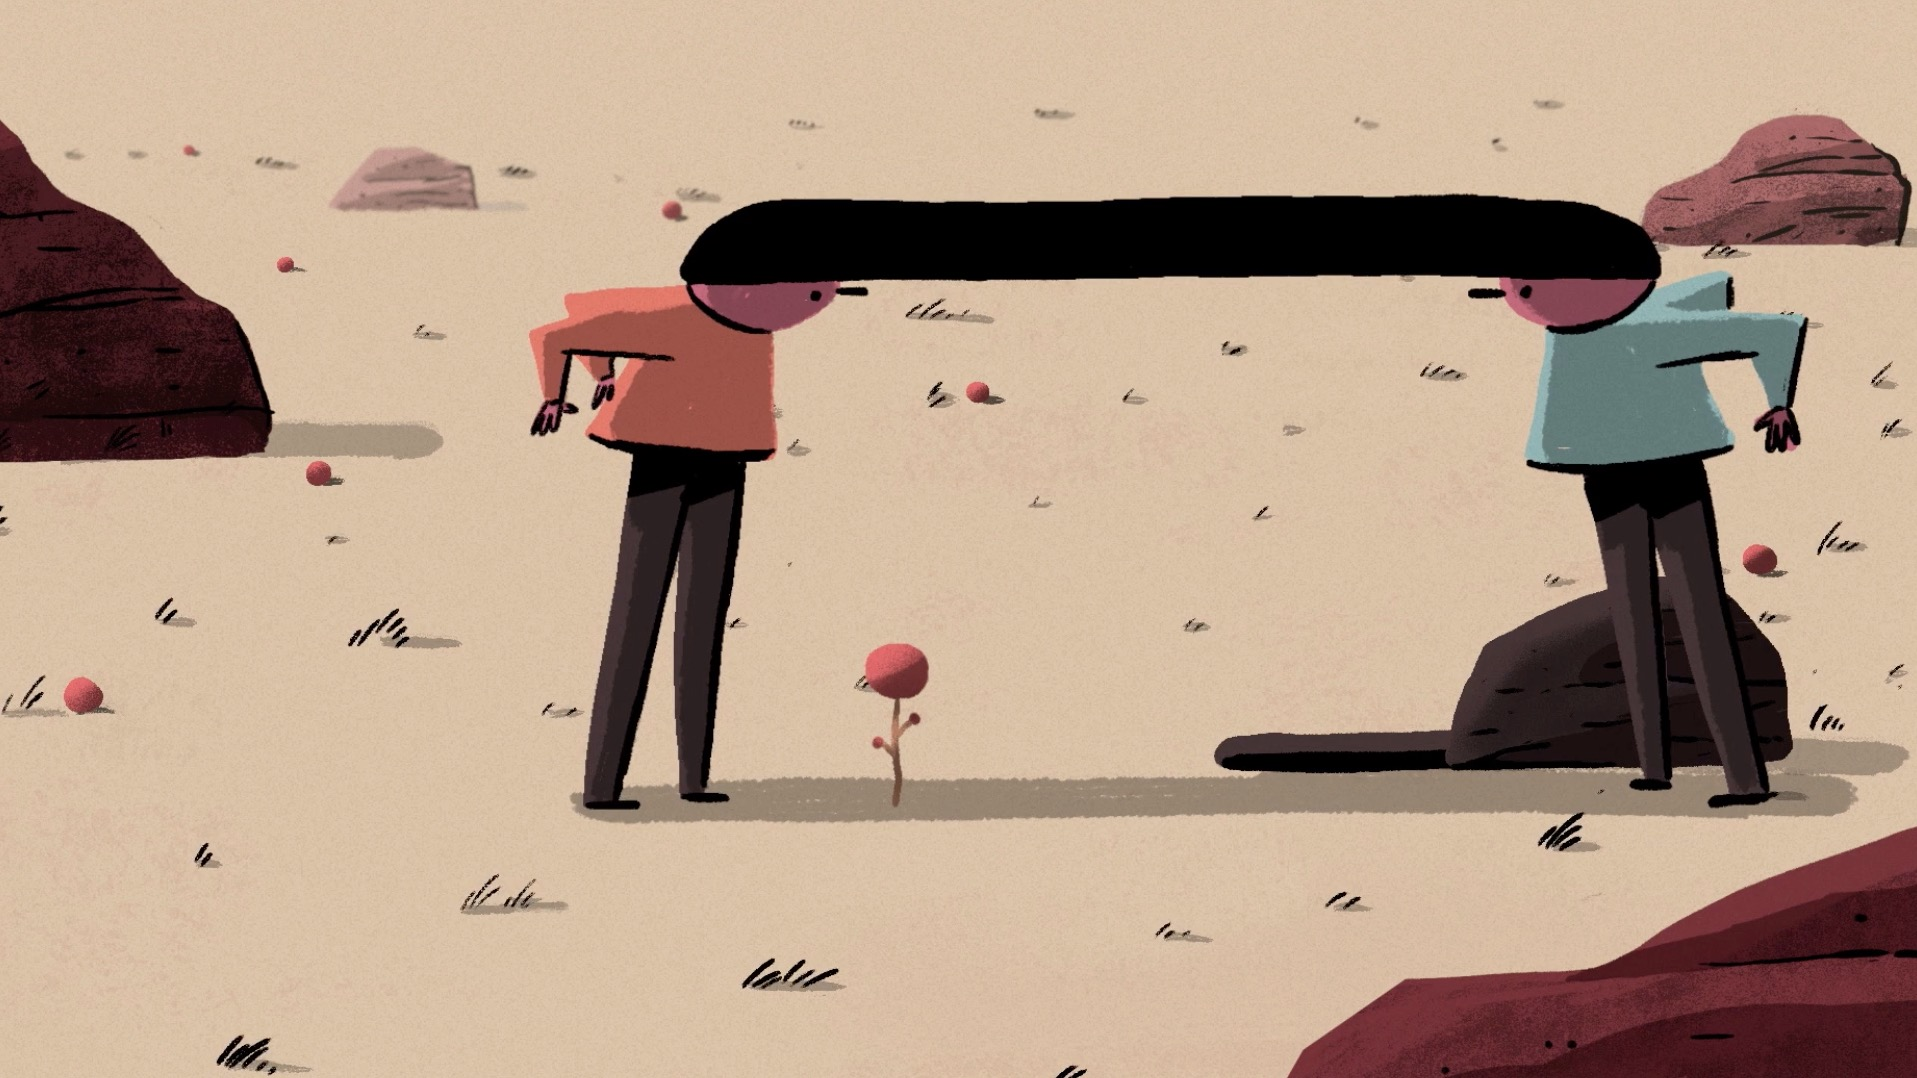 Link: un cortometraggio d'animazione sulla natura umana e sui legami